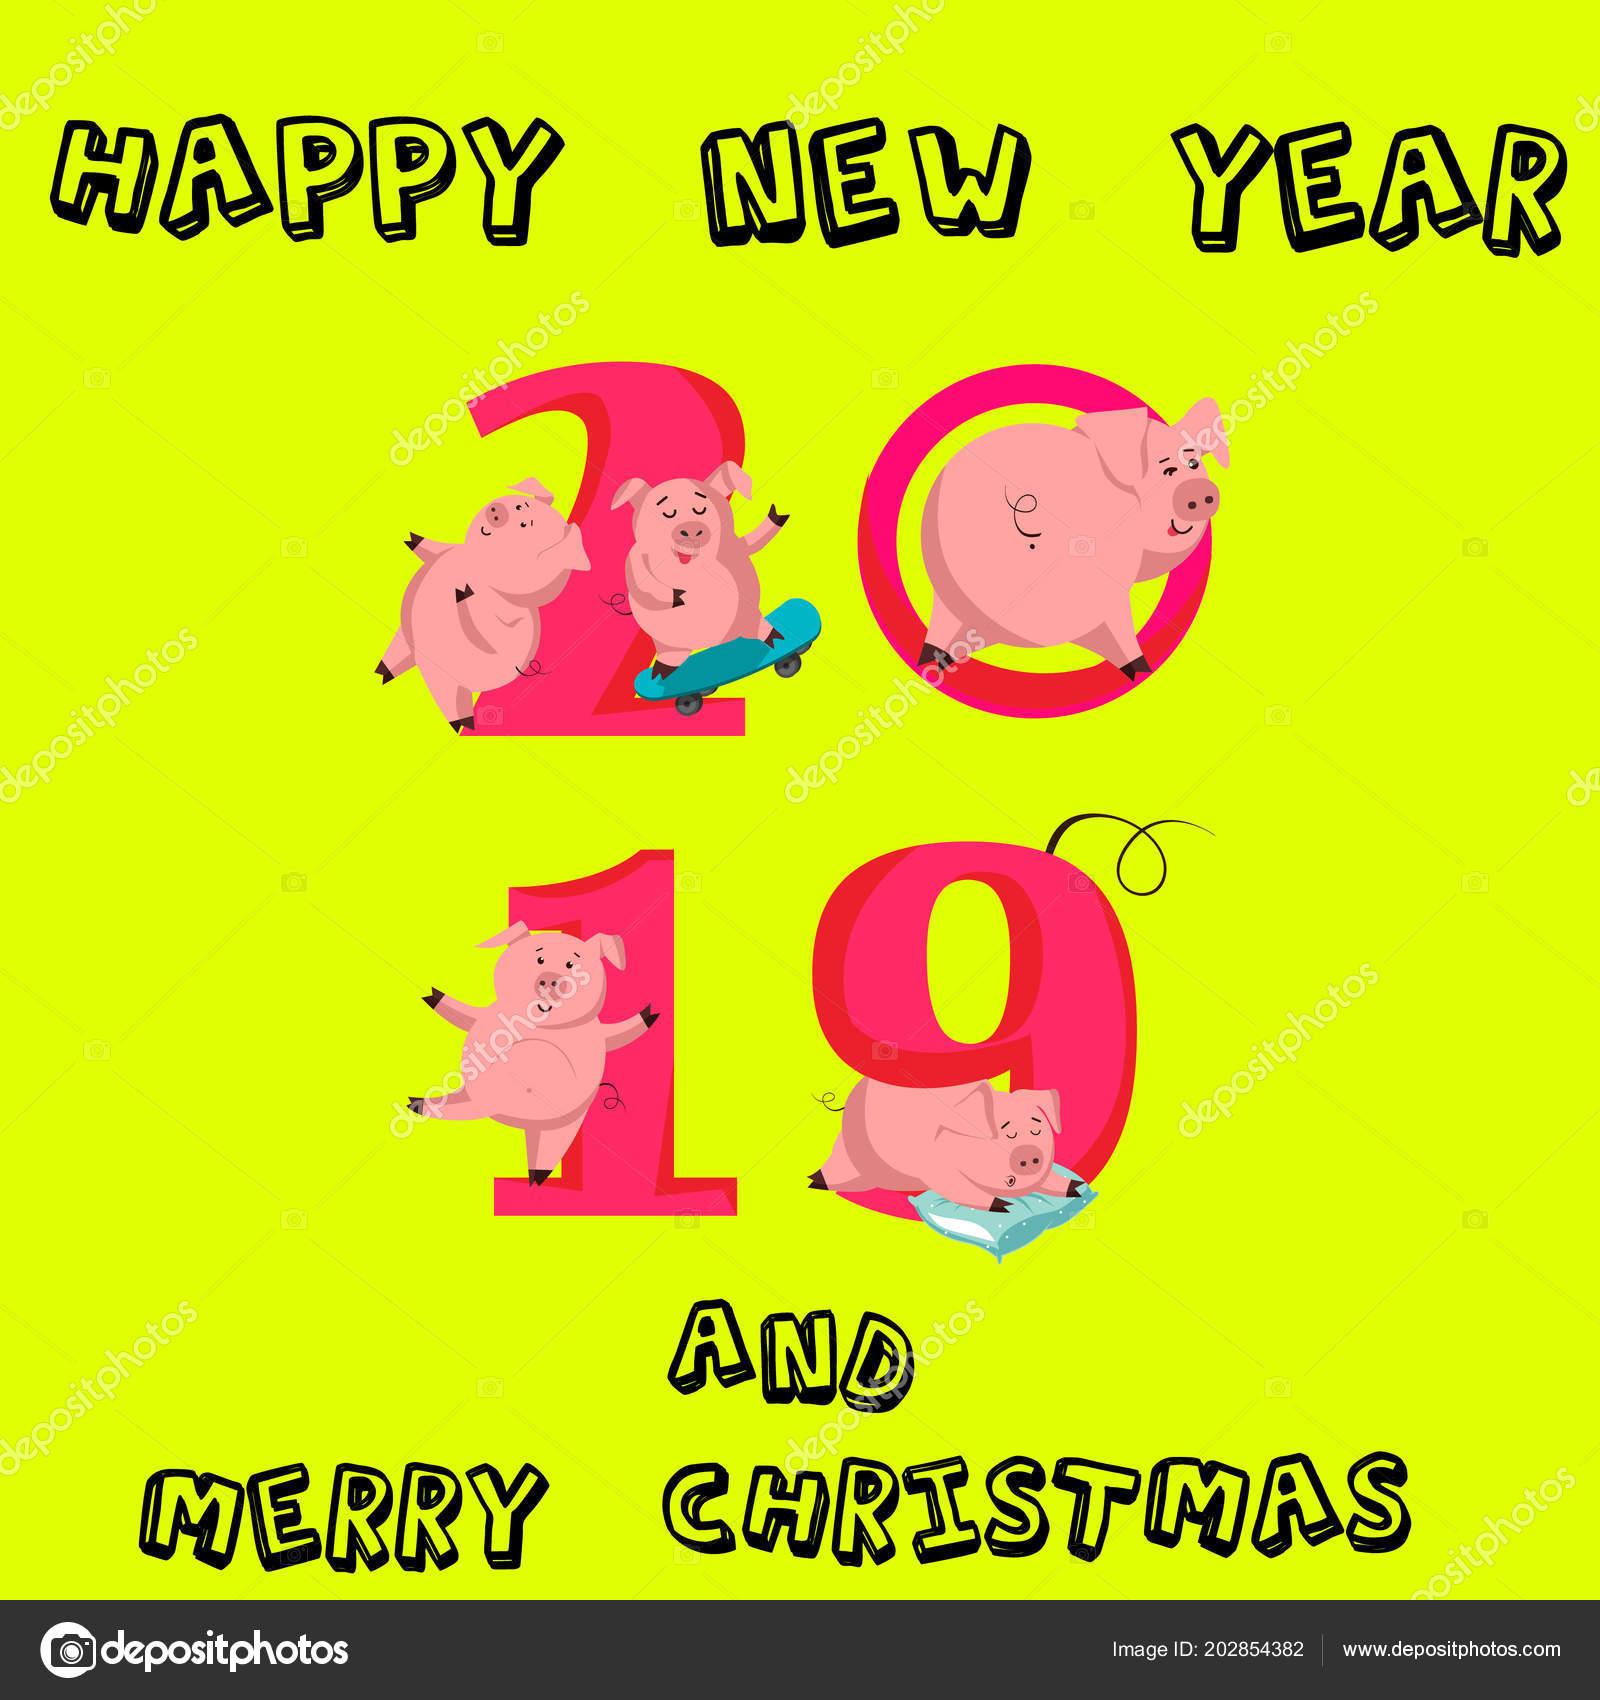 Feliz Ano Nuevo Juego Cerdo Divertido Lindo Simbolo Chino Del